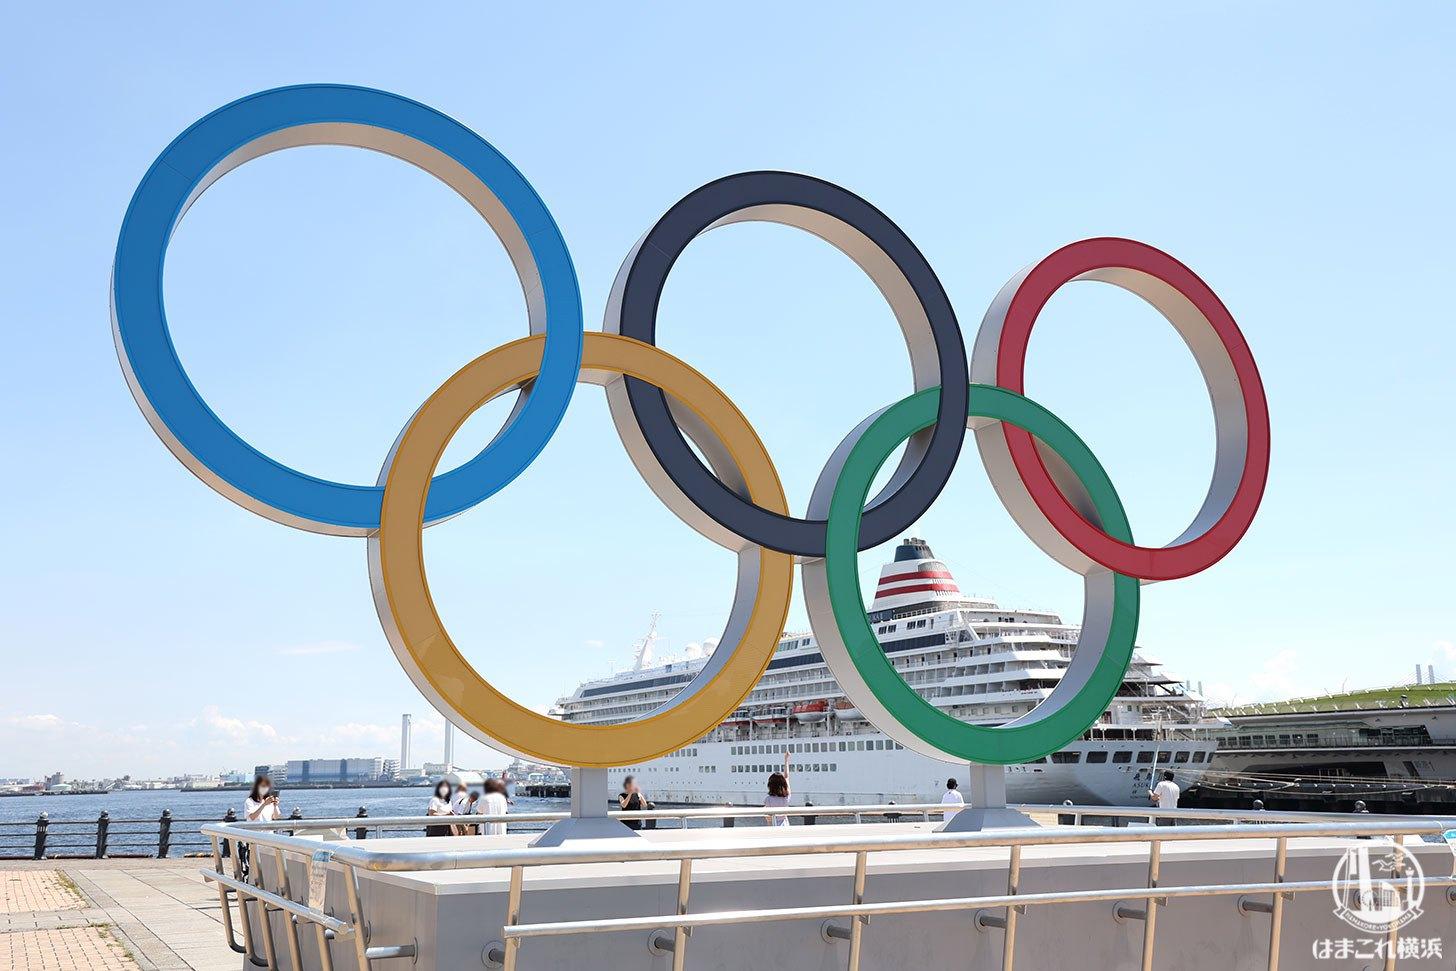 横浜「東京2020オリンピック」関連フォトスポット一覧!五輪マークや大会キャラクター、ライトアップ